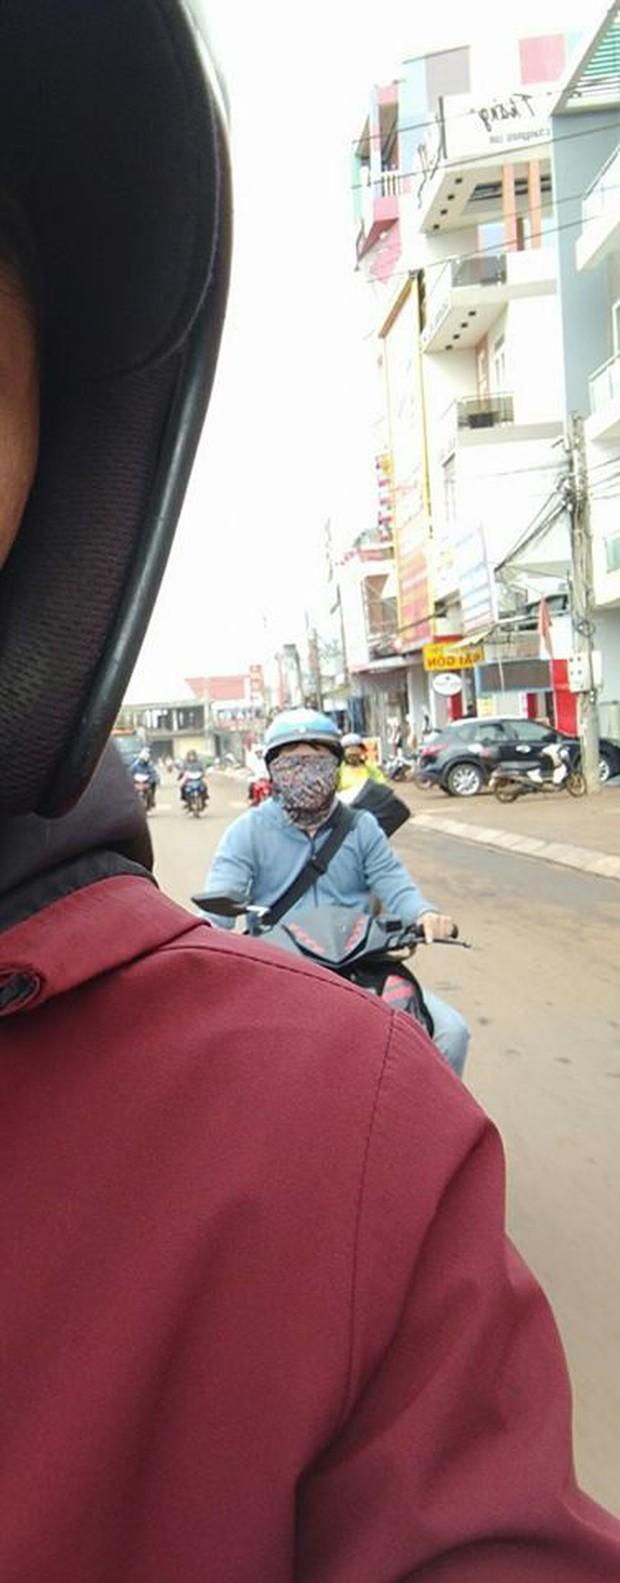 Bình Phước: Dân tình hoảng hốt khi nhìn thấy siêu ninja bịt kín mặt và hai mắt vẫn chạy xe máy đi băng băng trên đường - Ảnh 2.